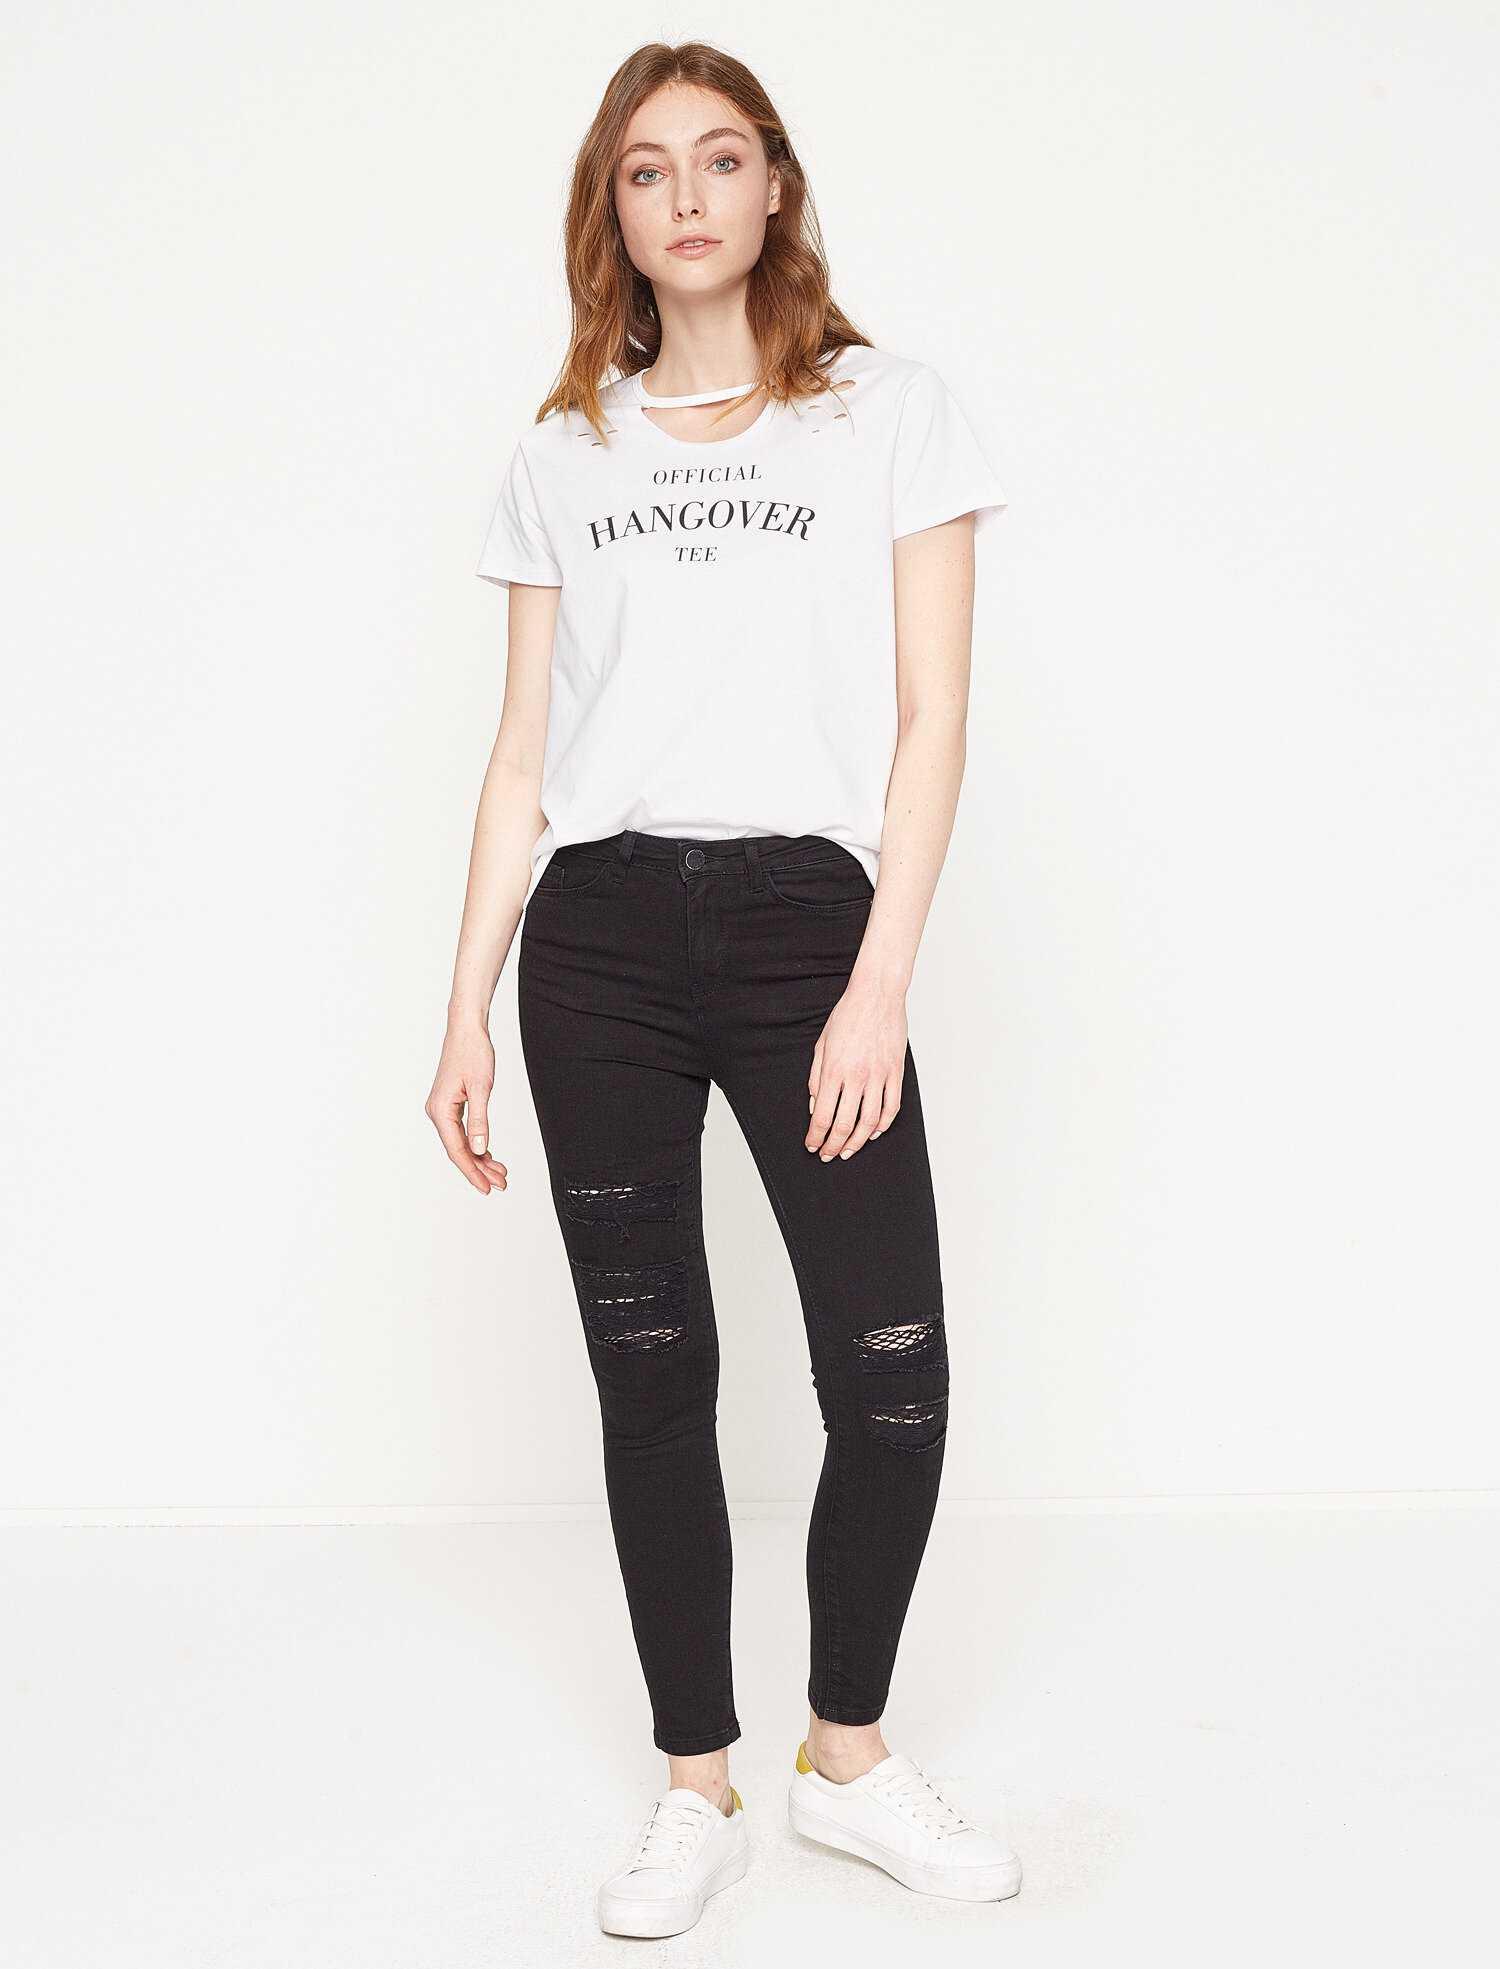 Siyah Yırtık Kot Pantolon Kombinleri